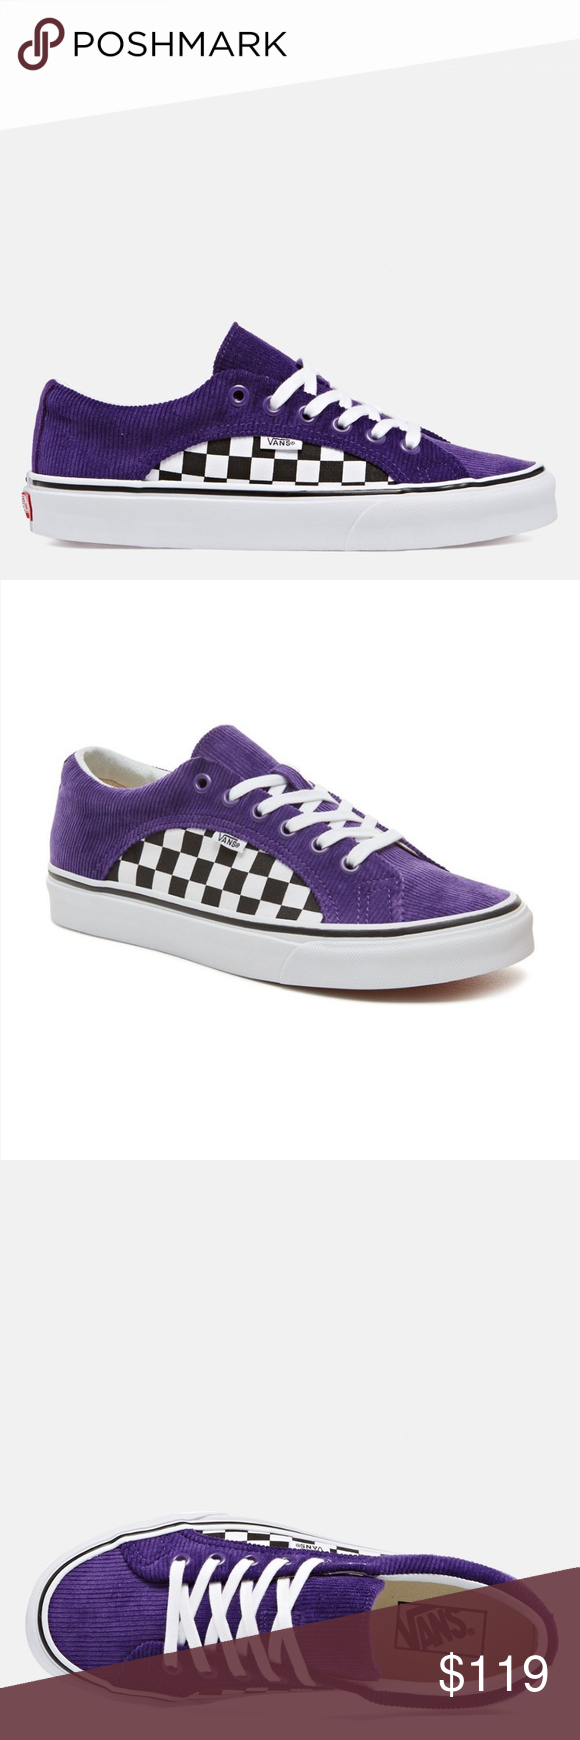 afdaf786caf Vans Lampin SKATE Shoes Checkers  Corduroy Vans Lampin SKATE Shoes SIZE  MEN S 7.5